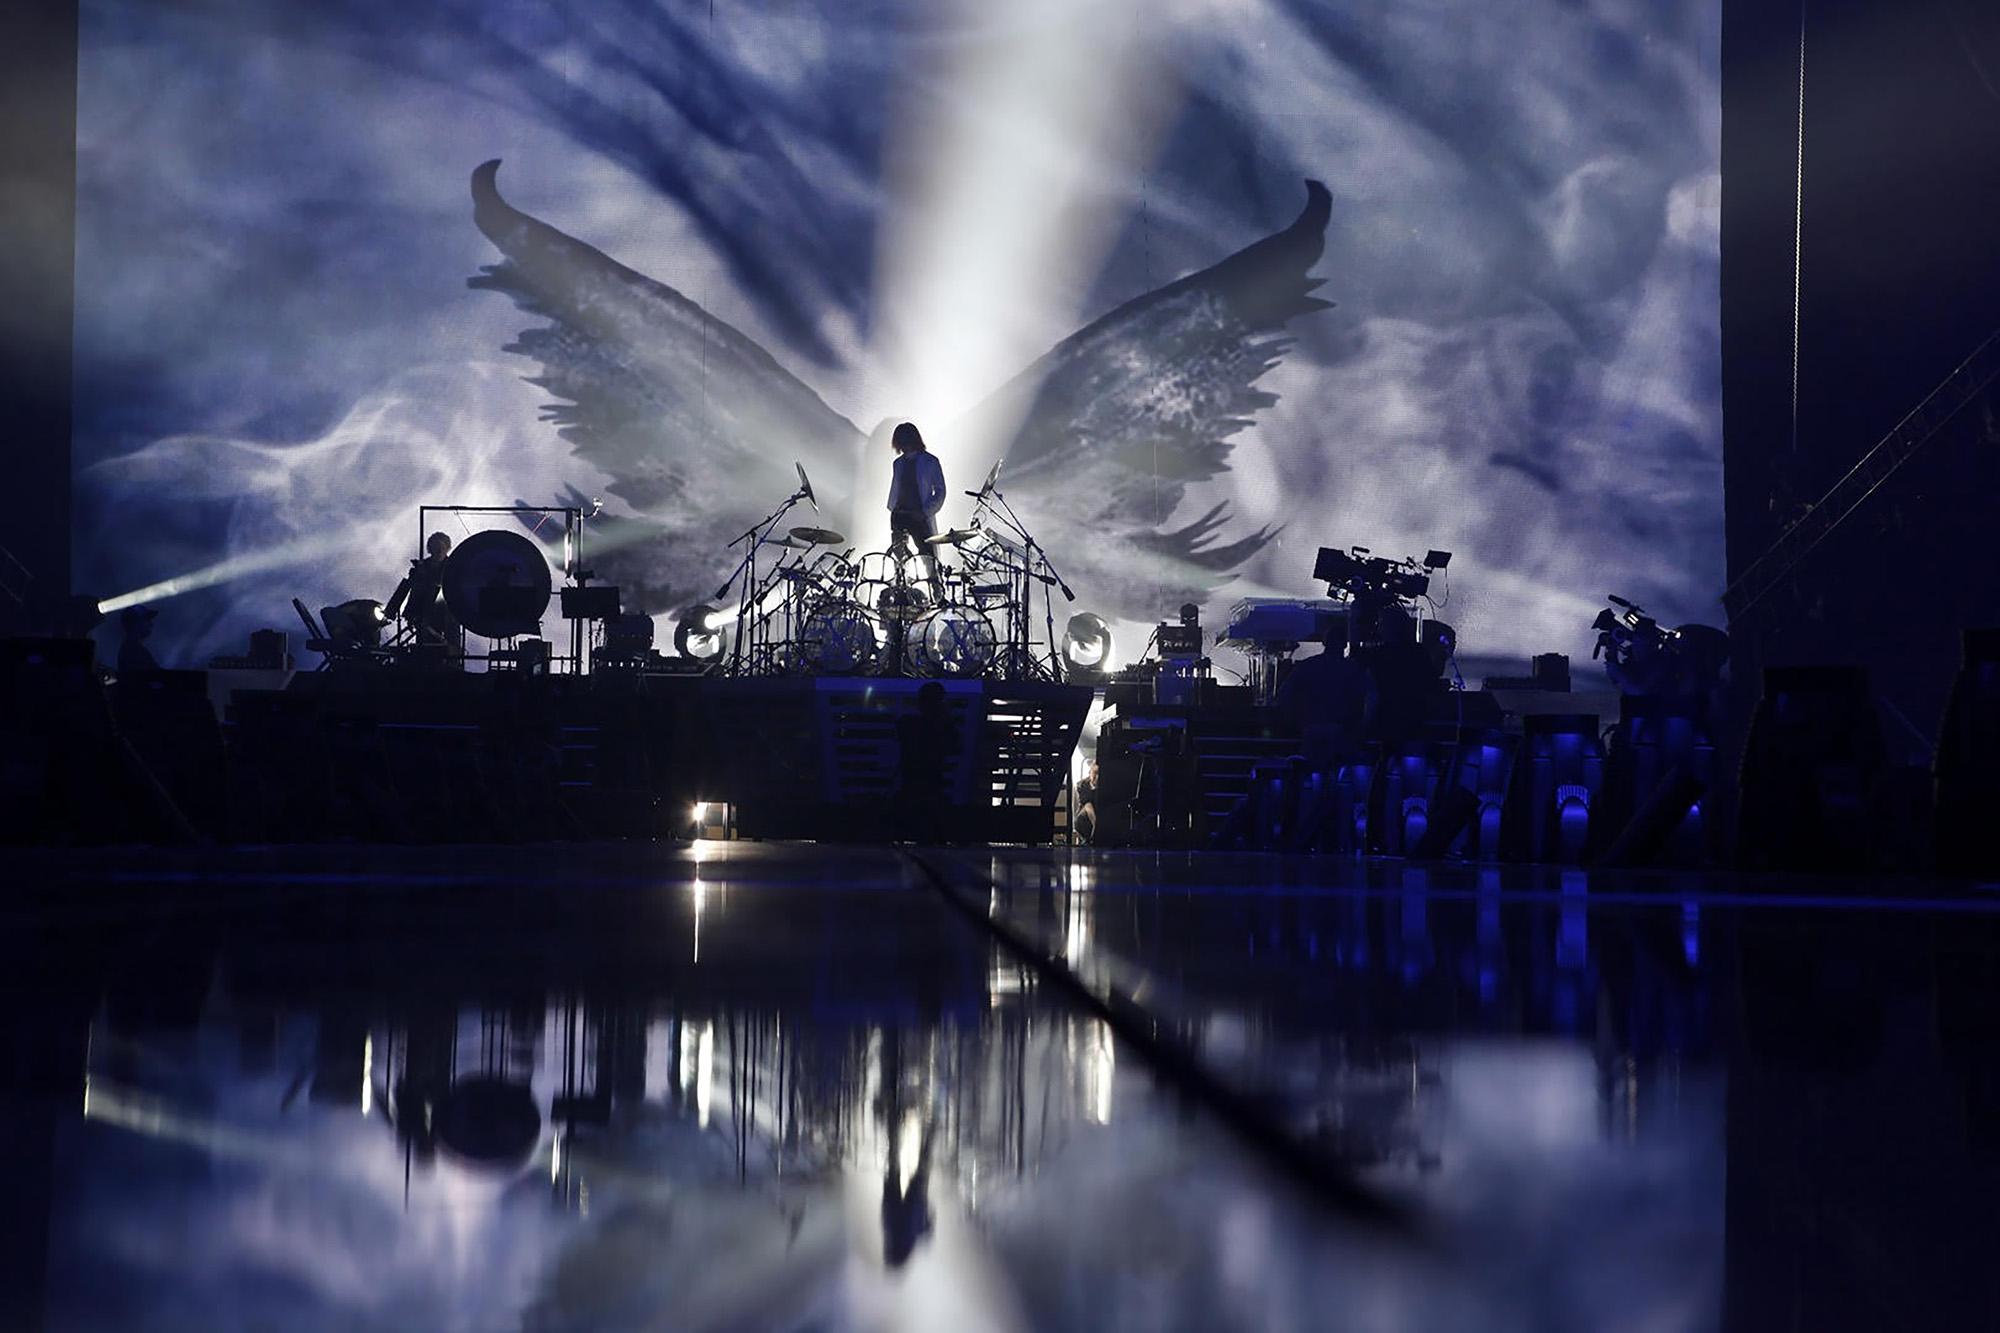 X JAPAN rehearsing in NJ